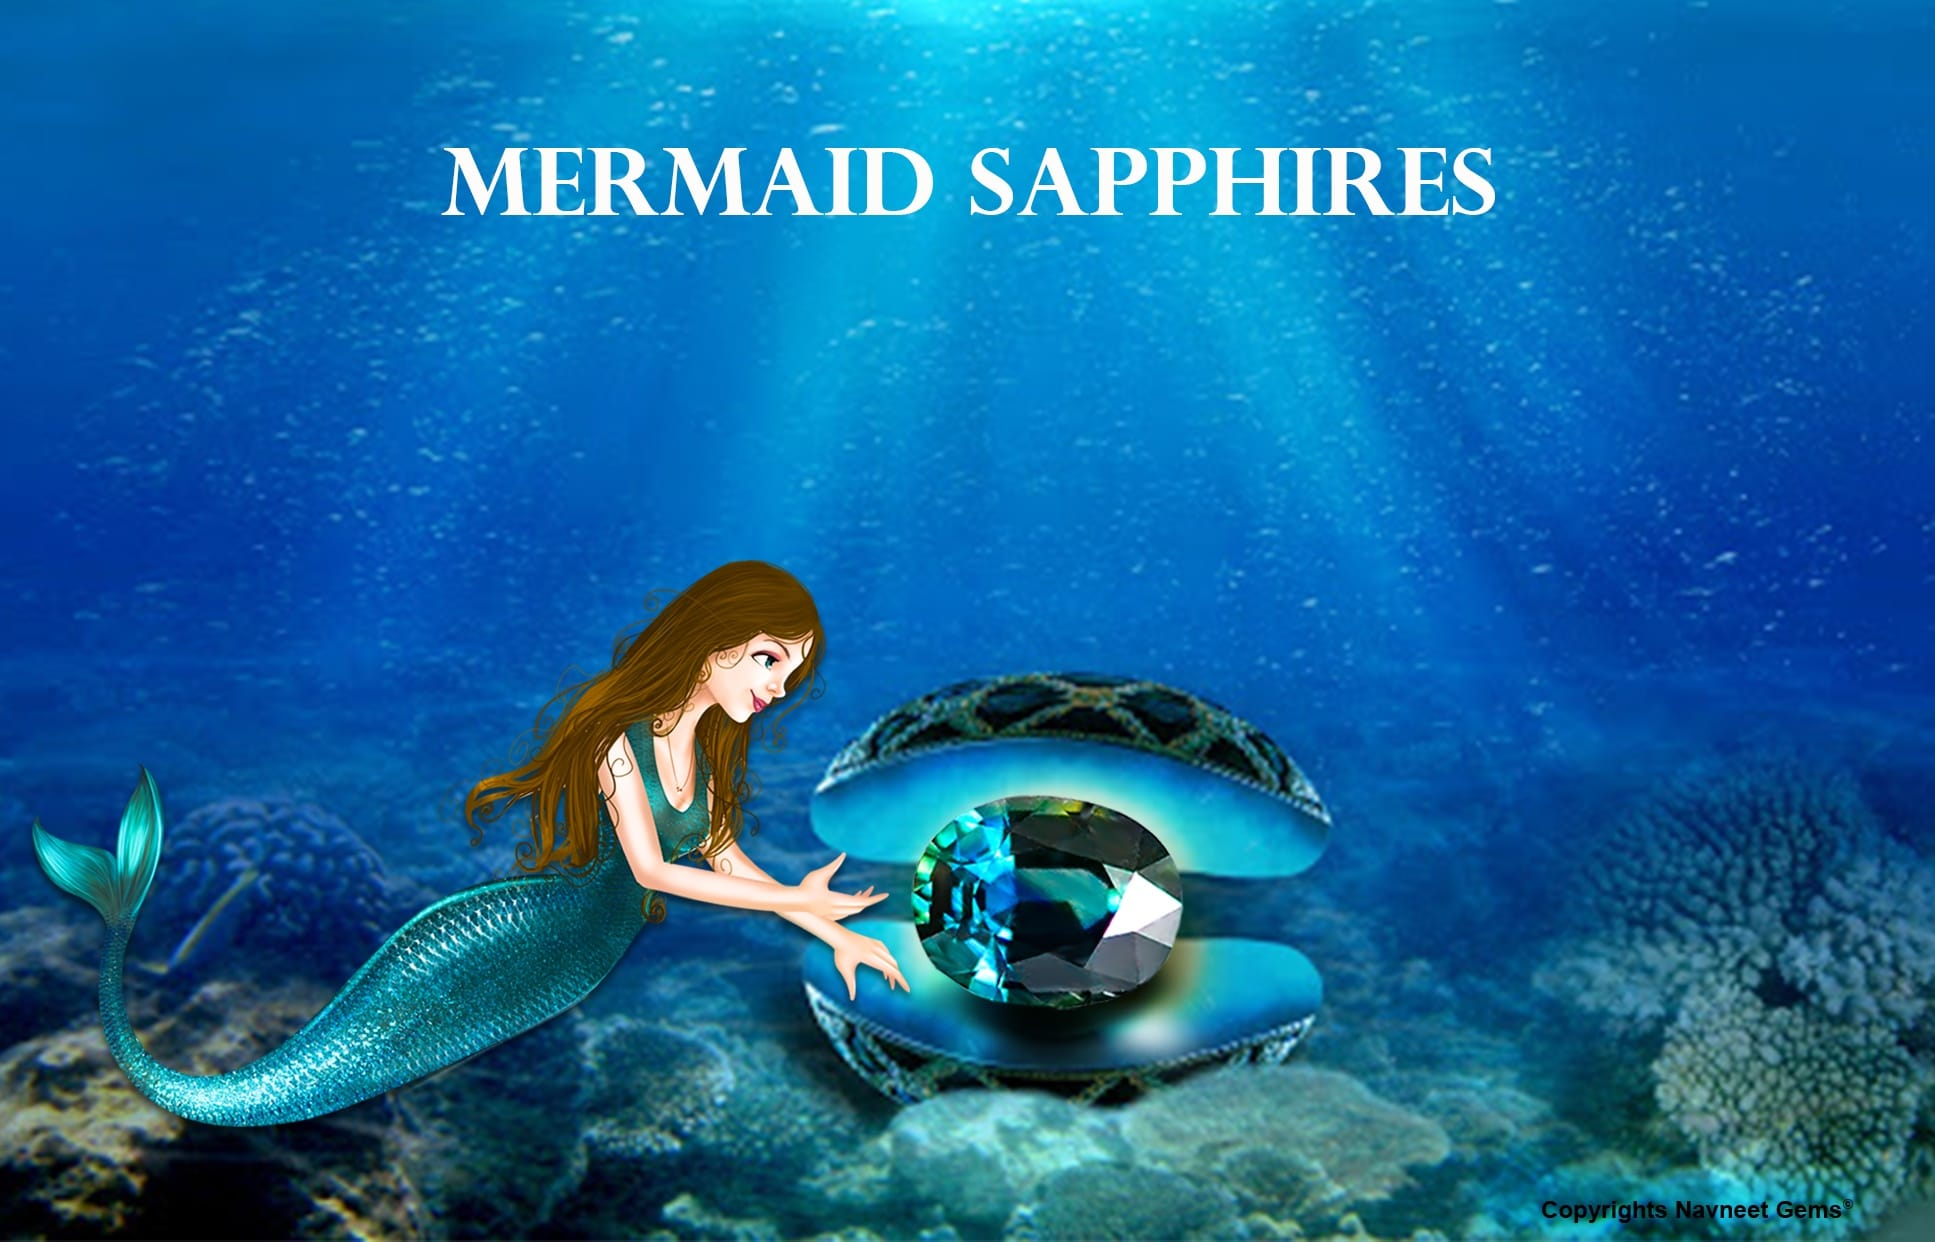 Mermaid Sapphires